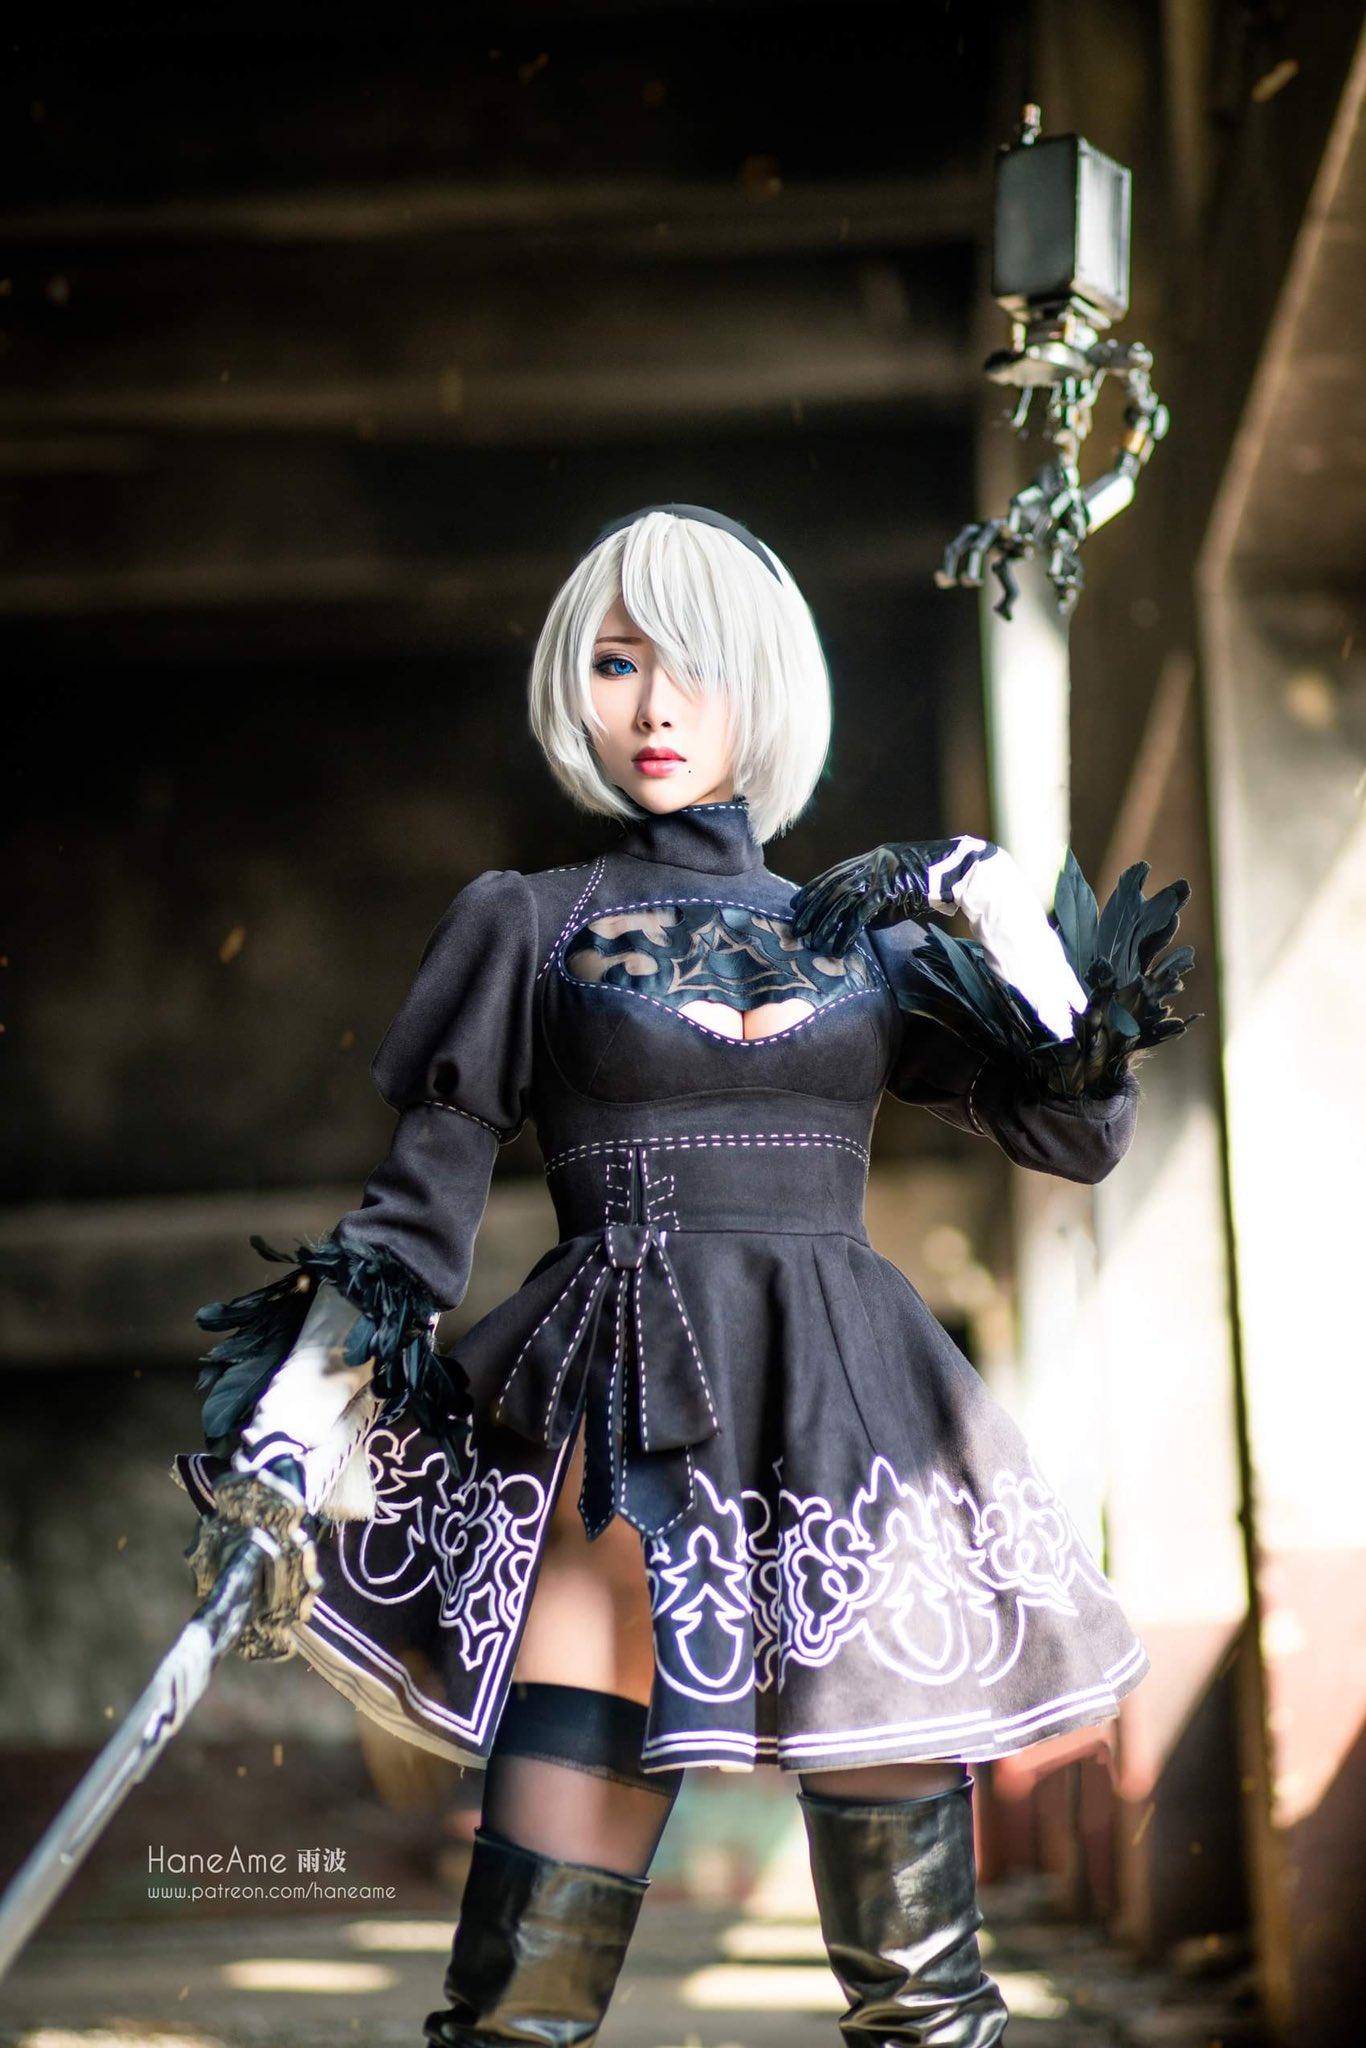 画像,#NieR #ニーア #2B4週年記念おめでとう🎈Nier 4 years anniversary 🎉My 2B cosplay I love her so m…